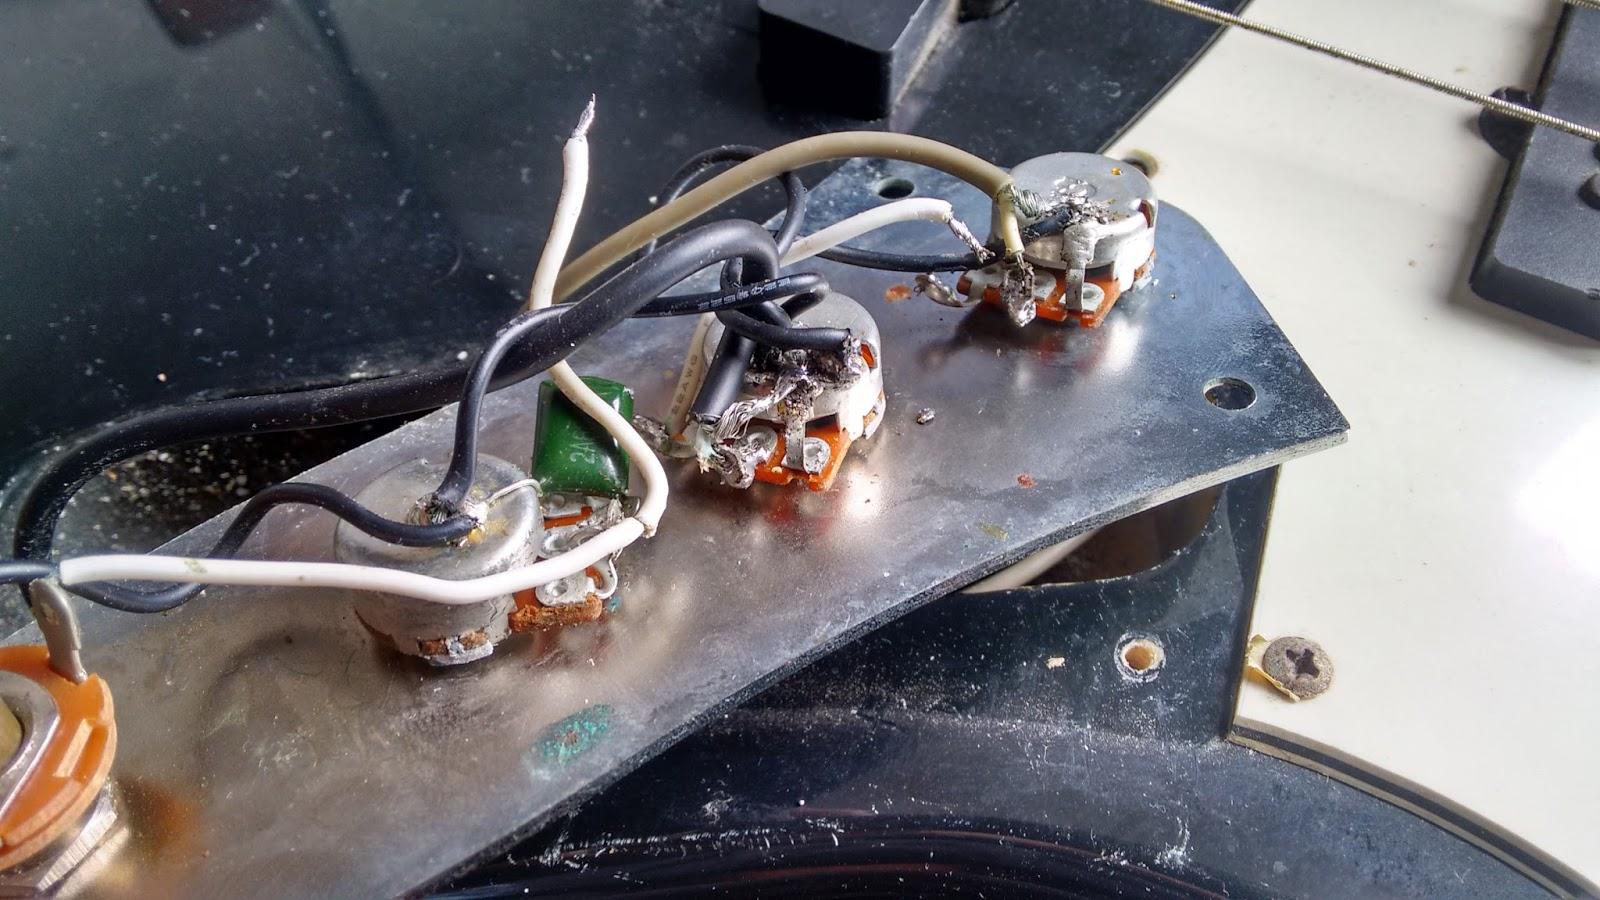 Circuito Jazz Bass : Luthier de garagem refazendo circuito elétrico thomaz jazz bass